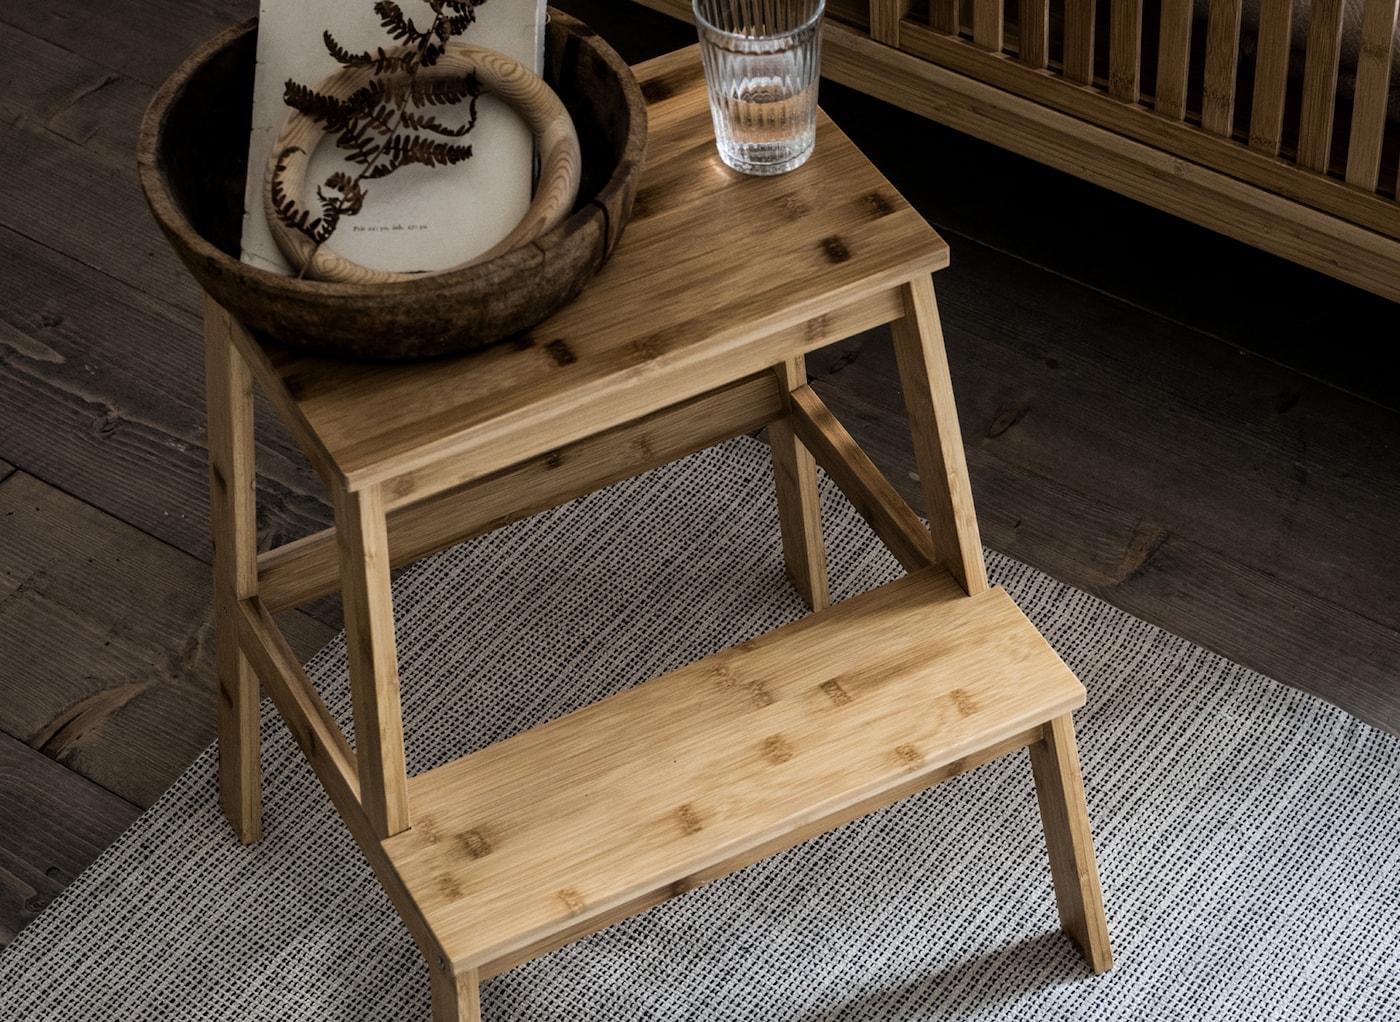 En træskål og et glas står på toppen af en IKEA TENHULT taburet, som er lavet af bambus.